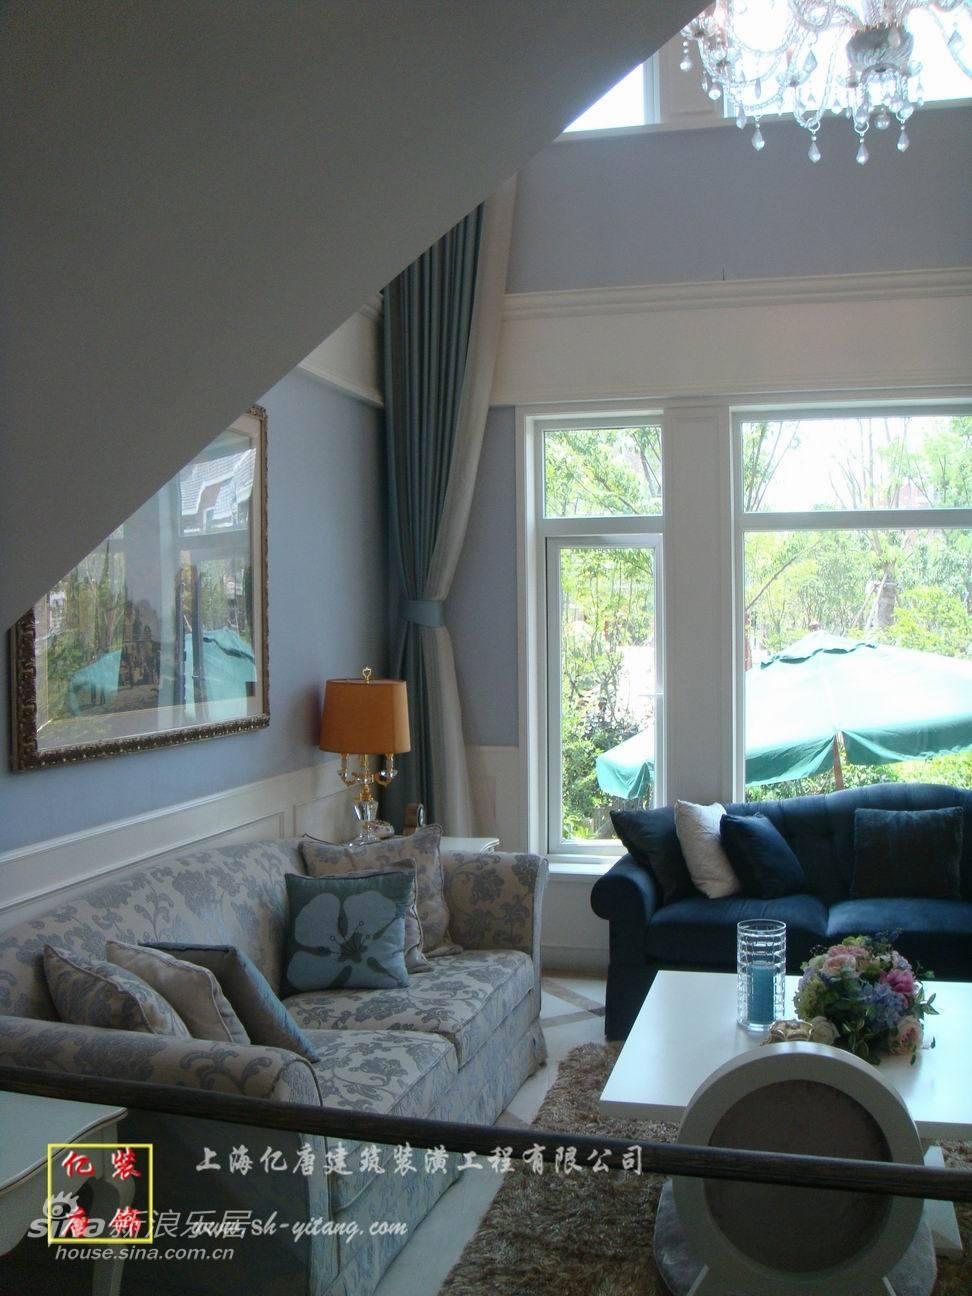 欧式 别墅 客厅图片来自用户2745758987在嘉定别墅93的分享